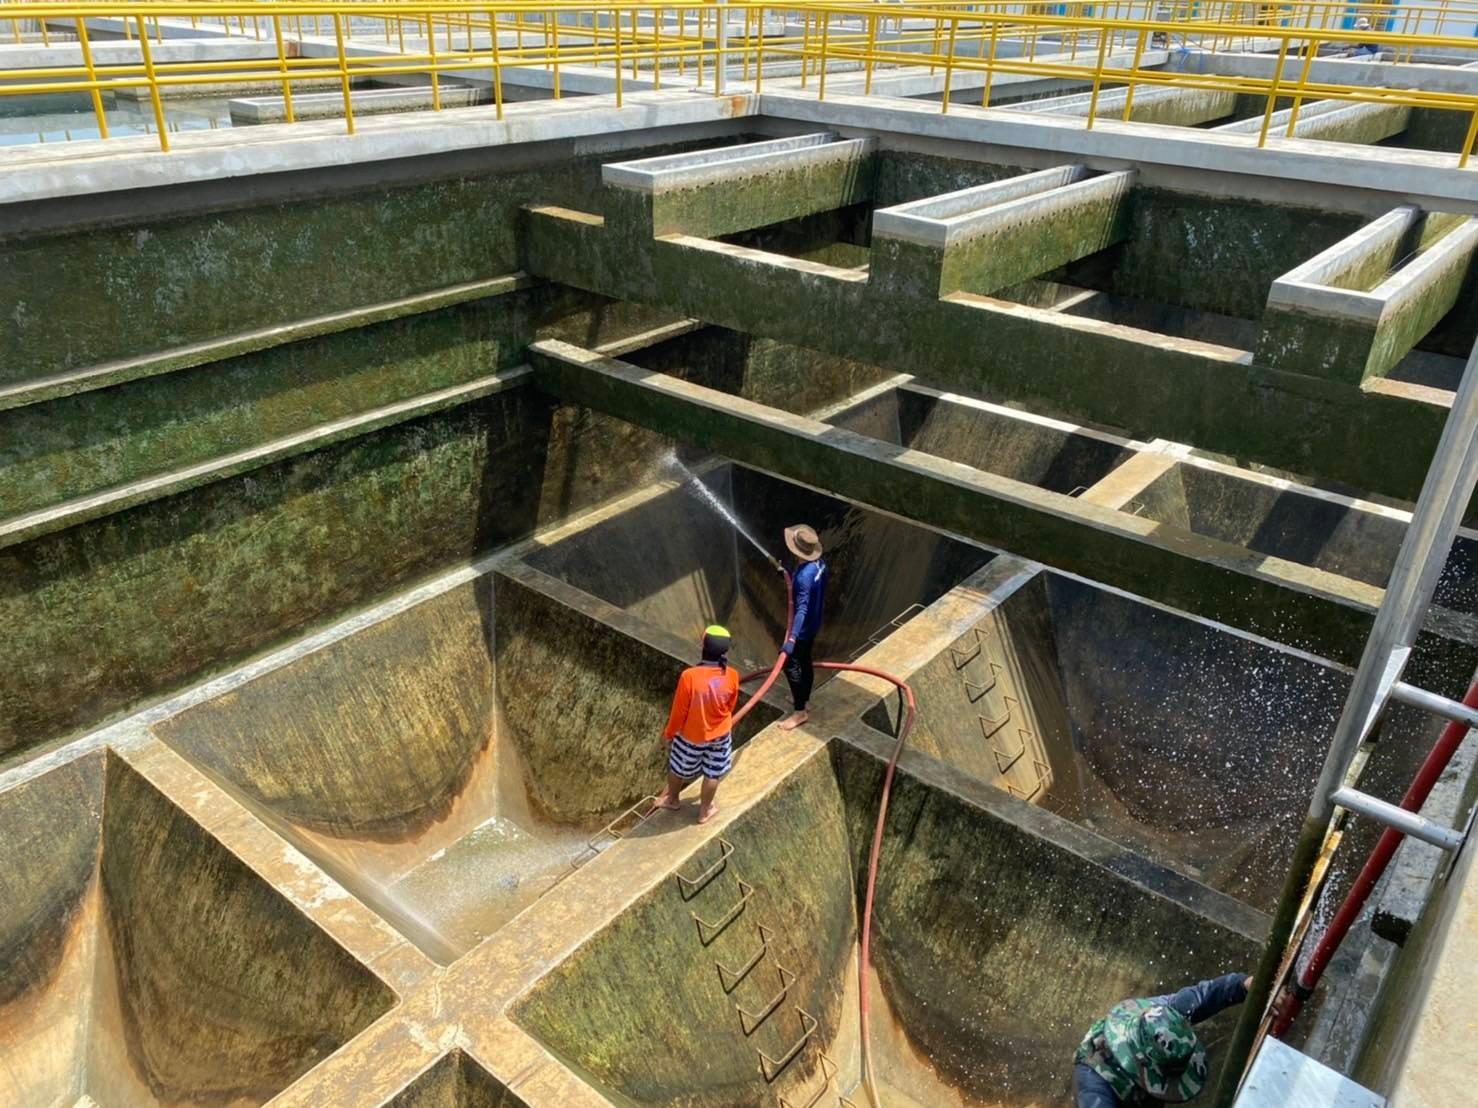 กปภ.สาขาท่ามะกา ล้างถังตกตะกอน ประจำเดือนกันยายน 2564 ณ สภานีผลิตน้ำท่าม่วง